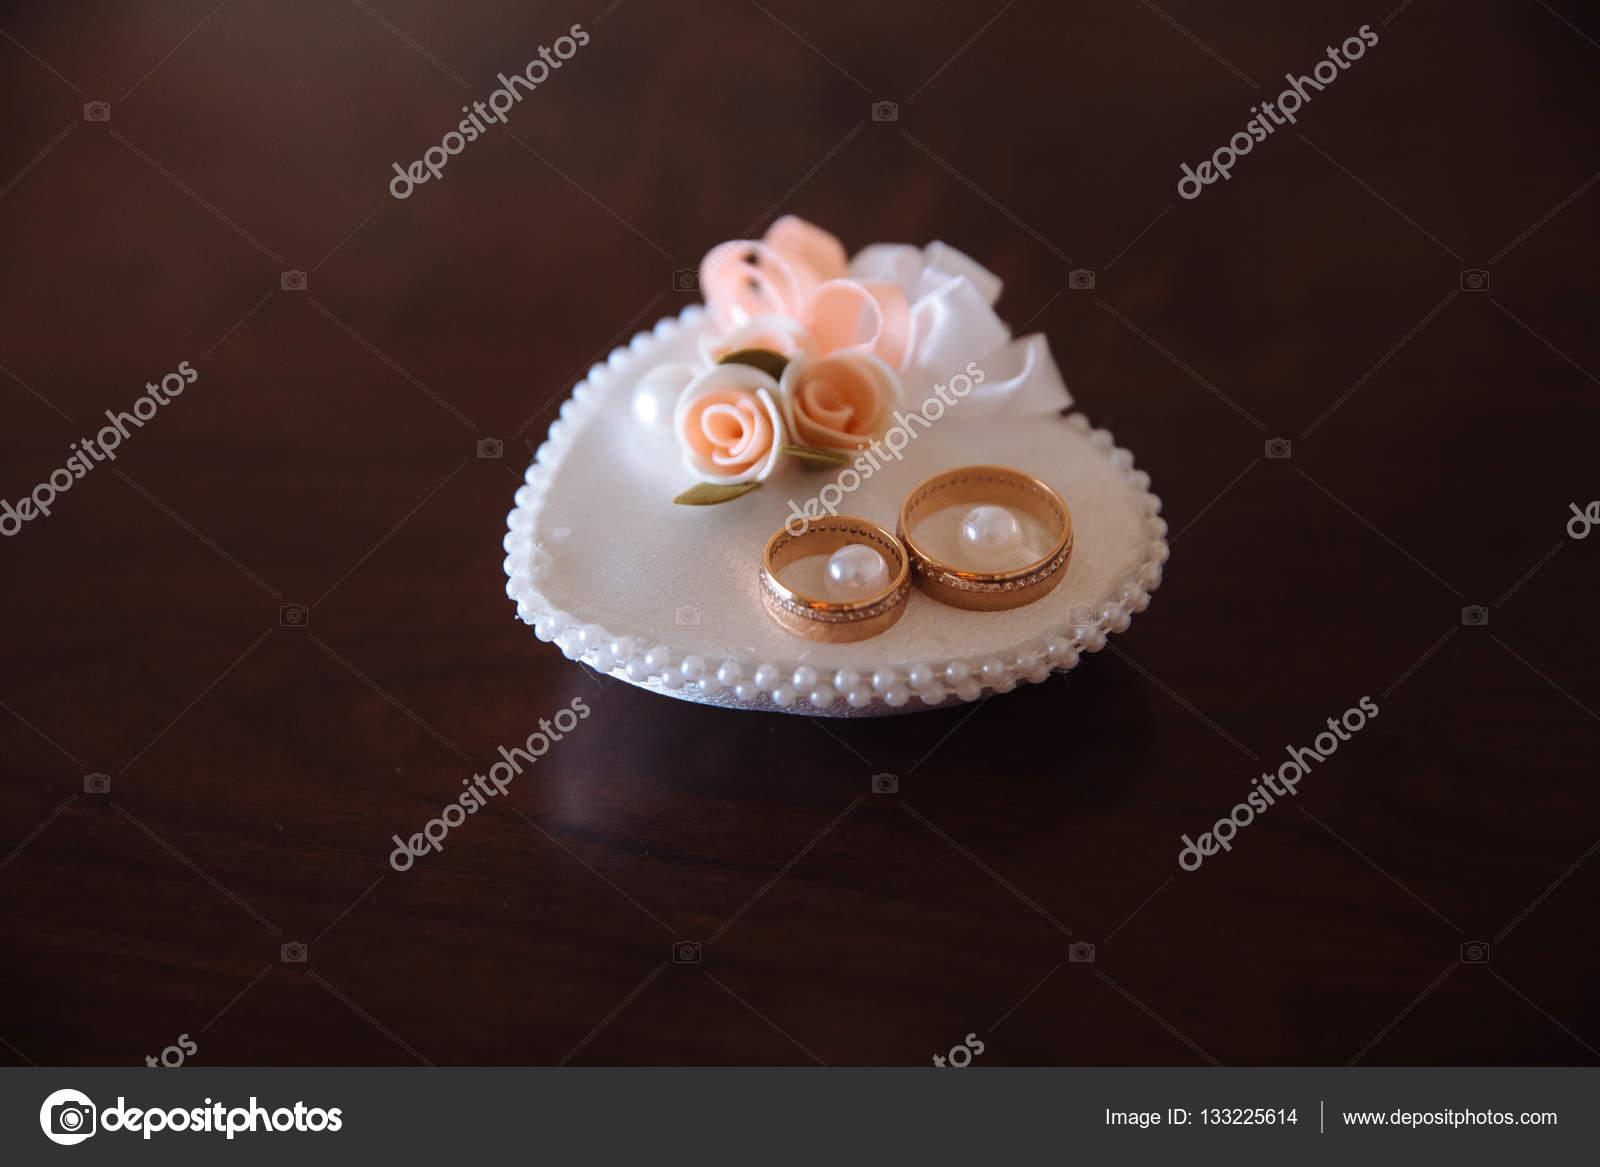 Goldene Hochzeit Ringe Auf Weiß Schmücken Kissen Auf Braunem